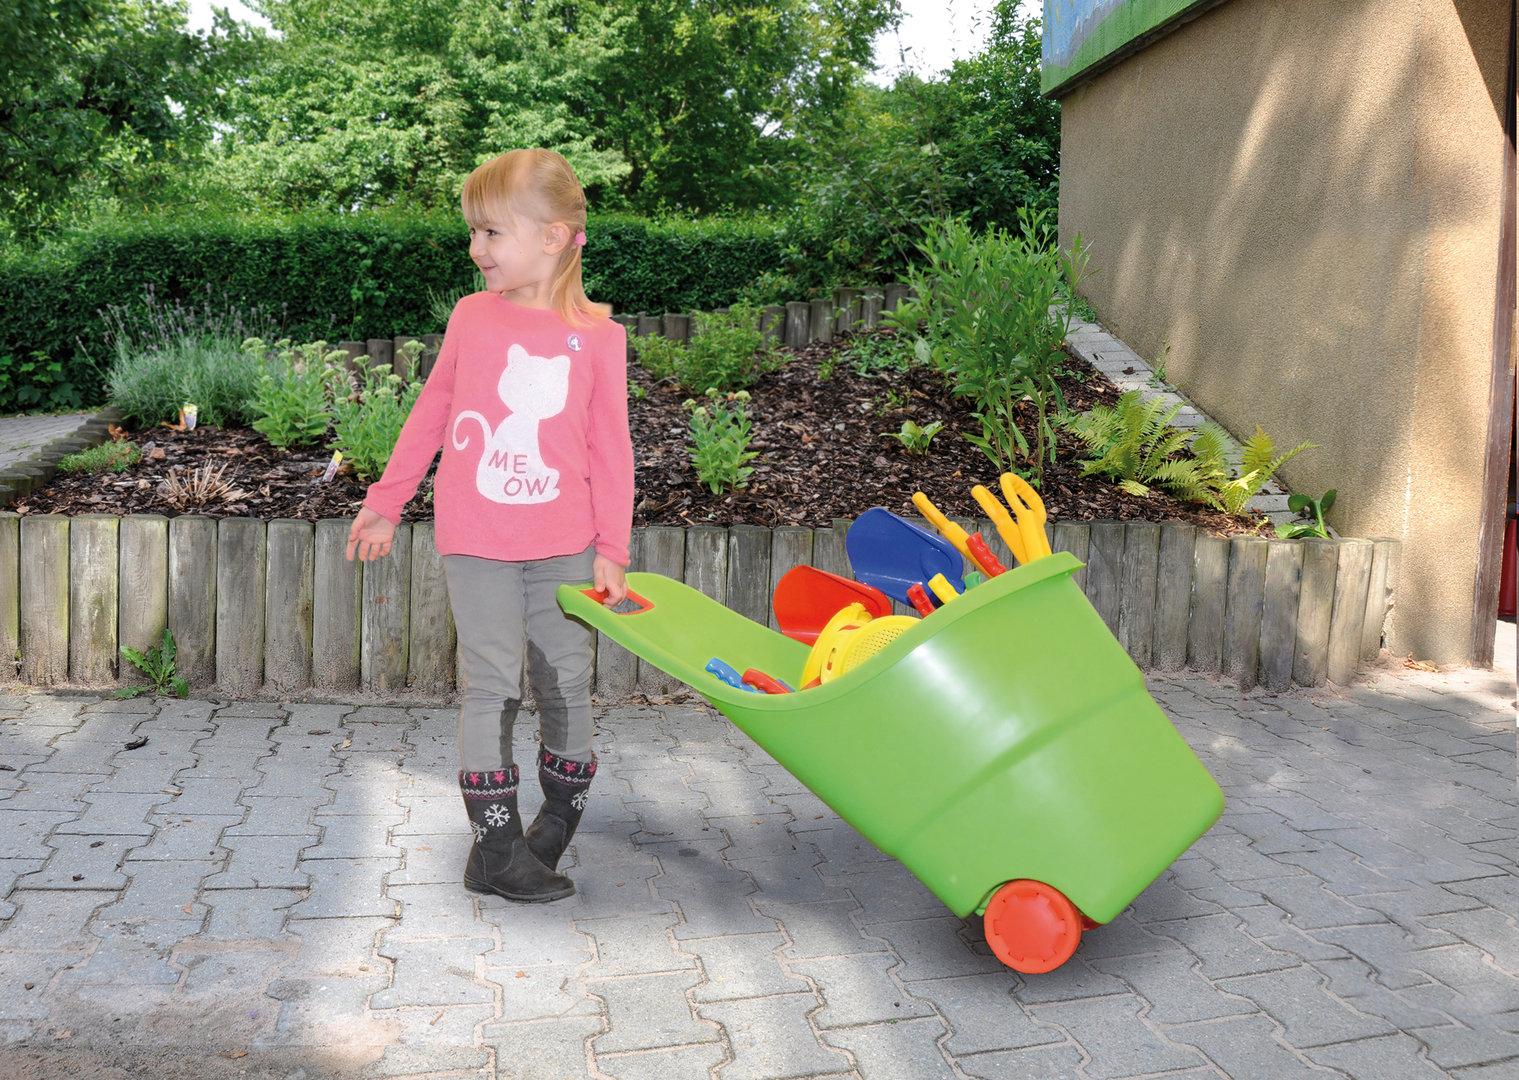 Spielzeugkarre - Aufbewahrung - Ziehkarre Set 3